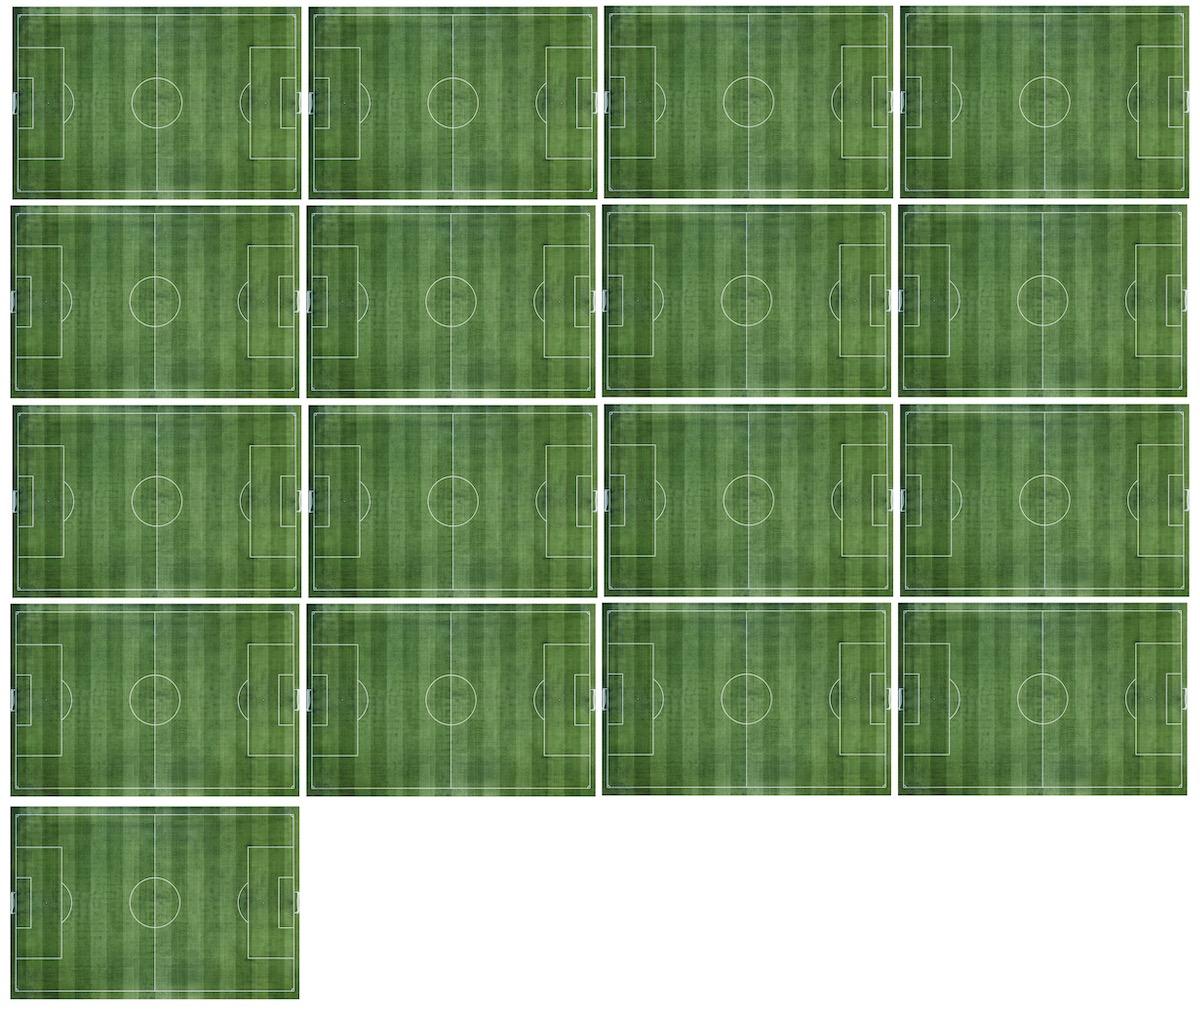 soccerfields.jpg